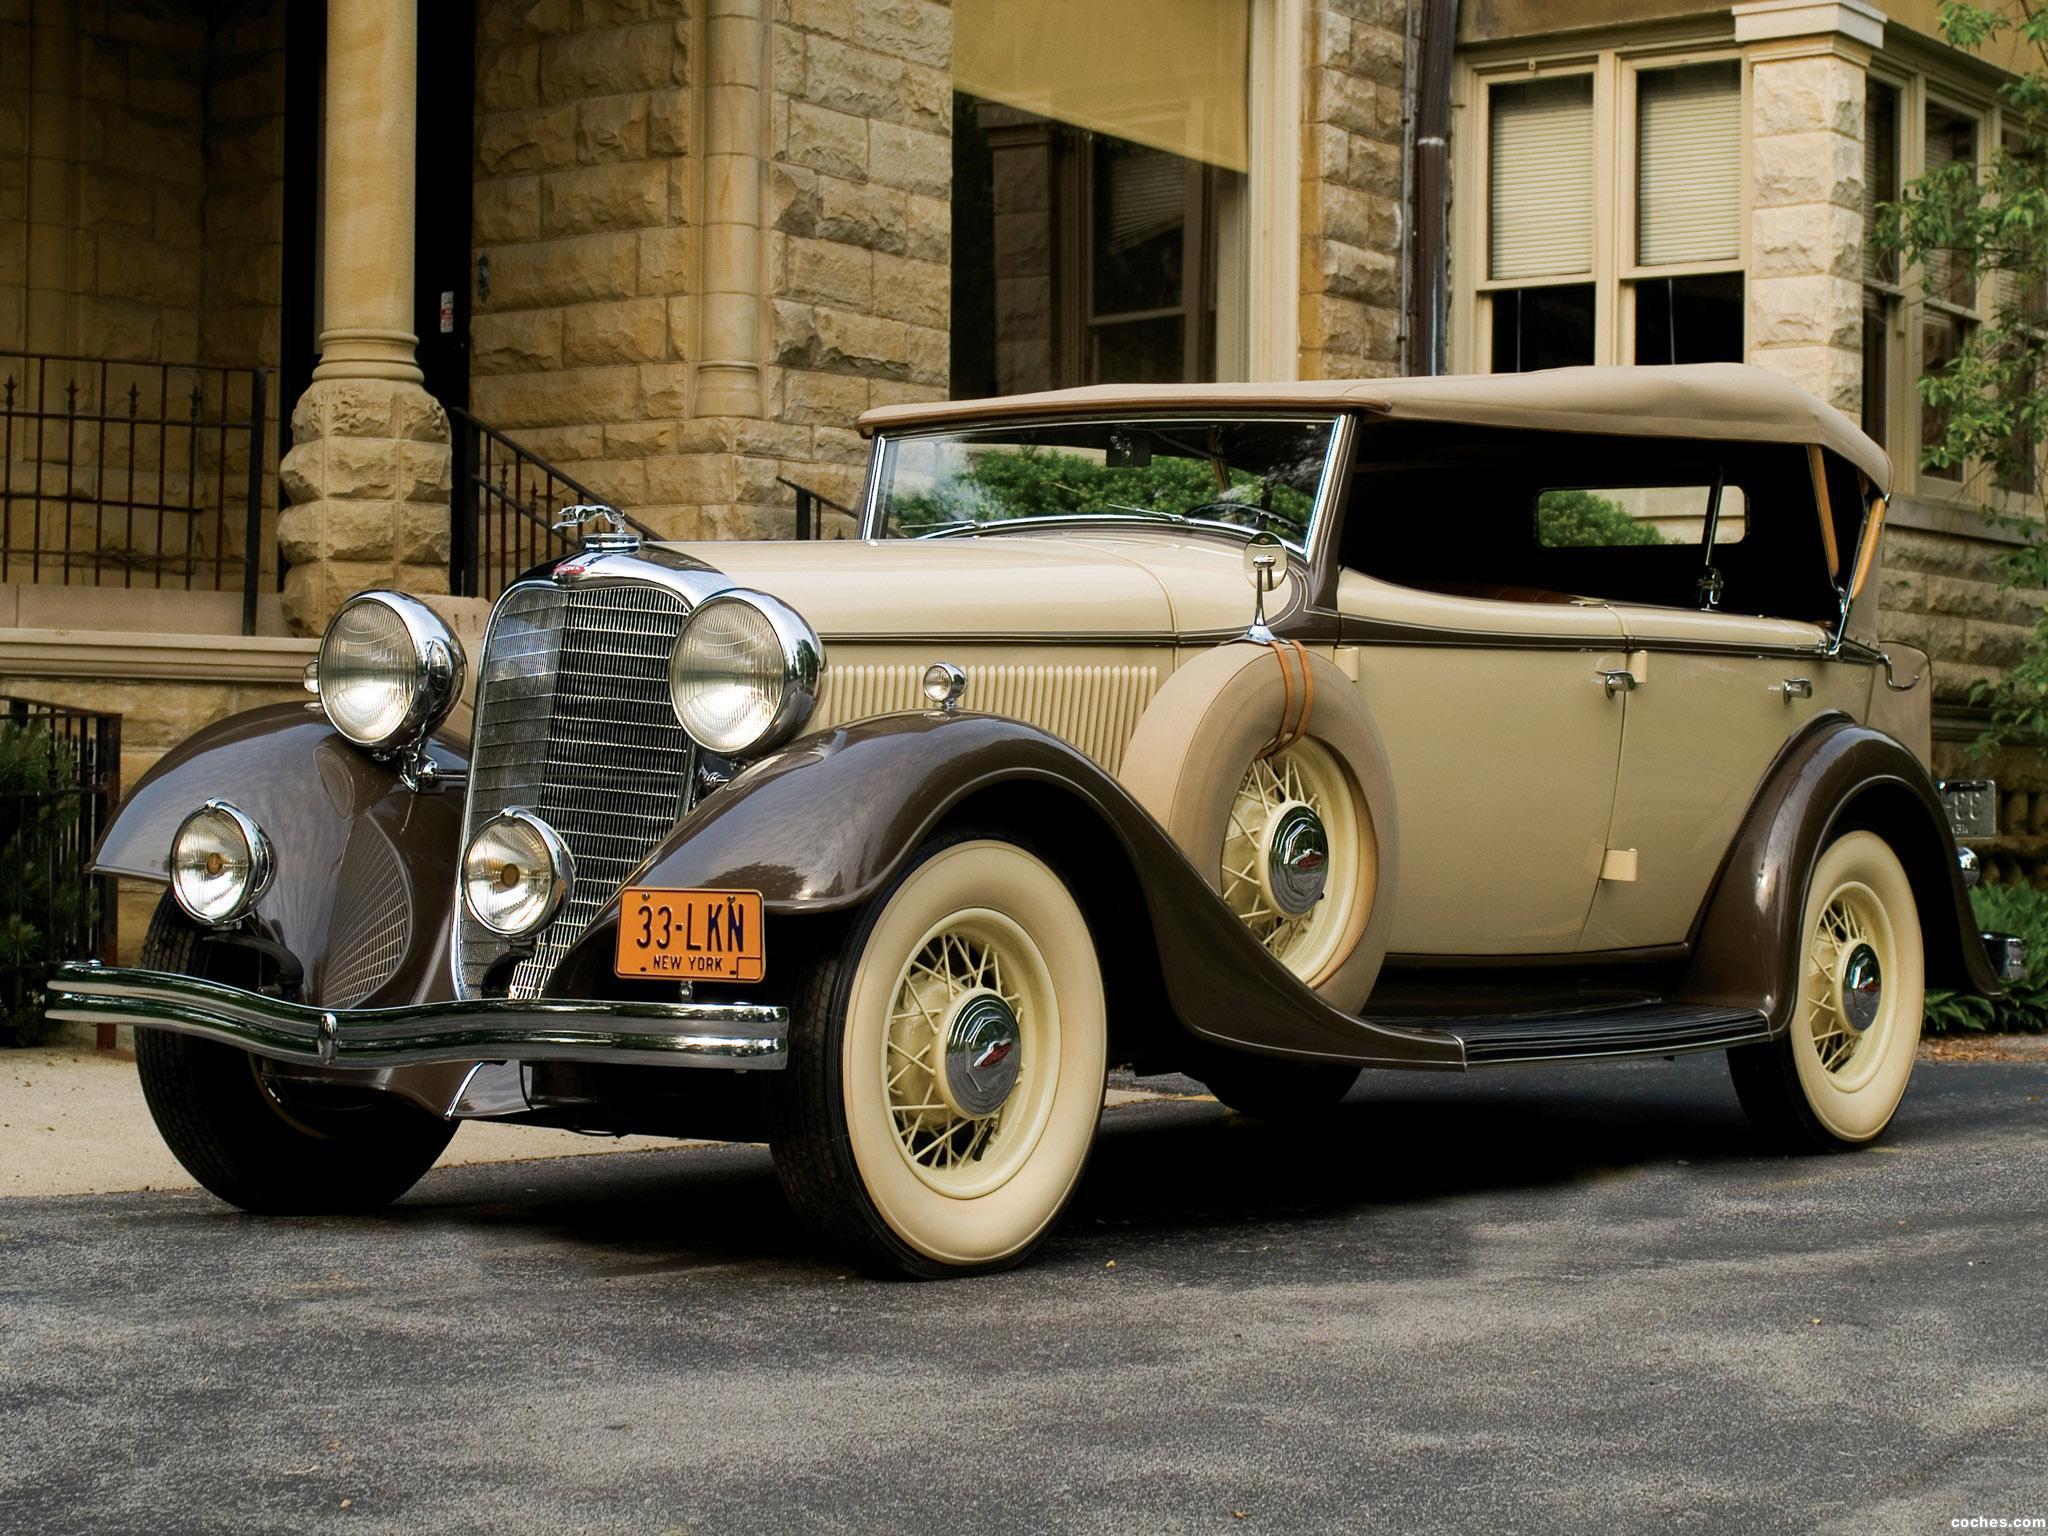 Foto 0 de Lincoln Ka Dual Cowl Phaeton by Dietrich 1933